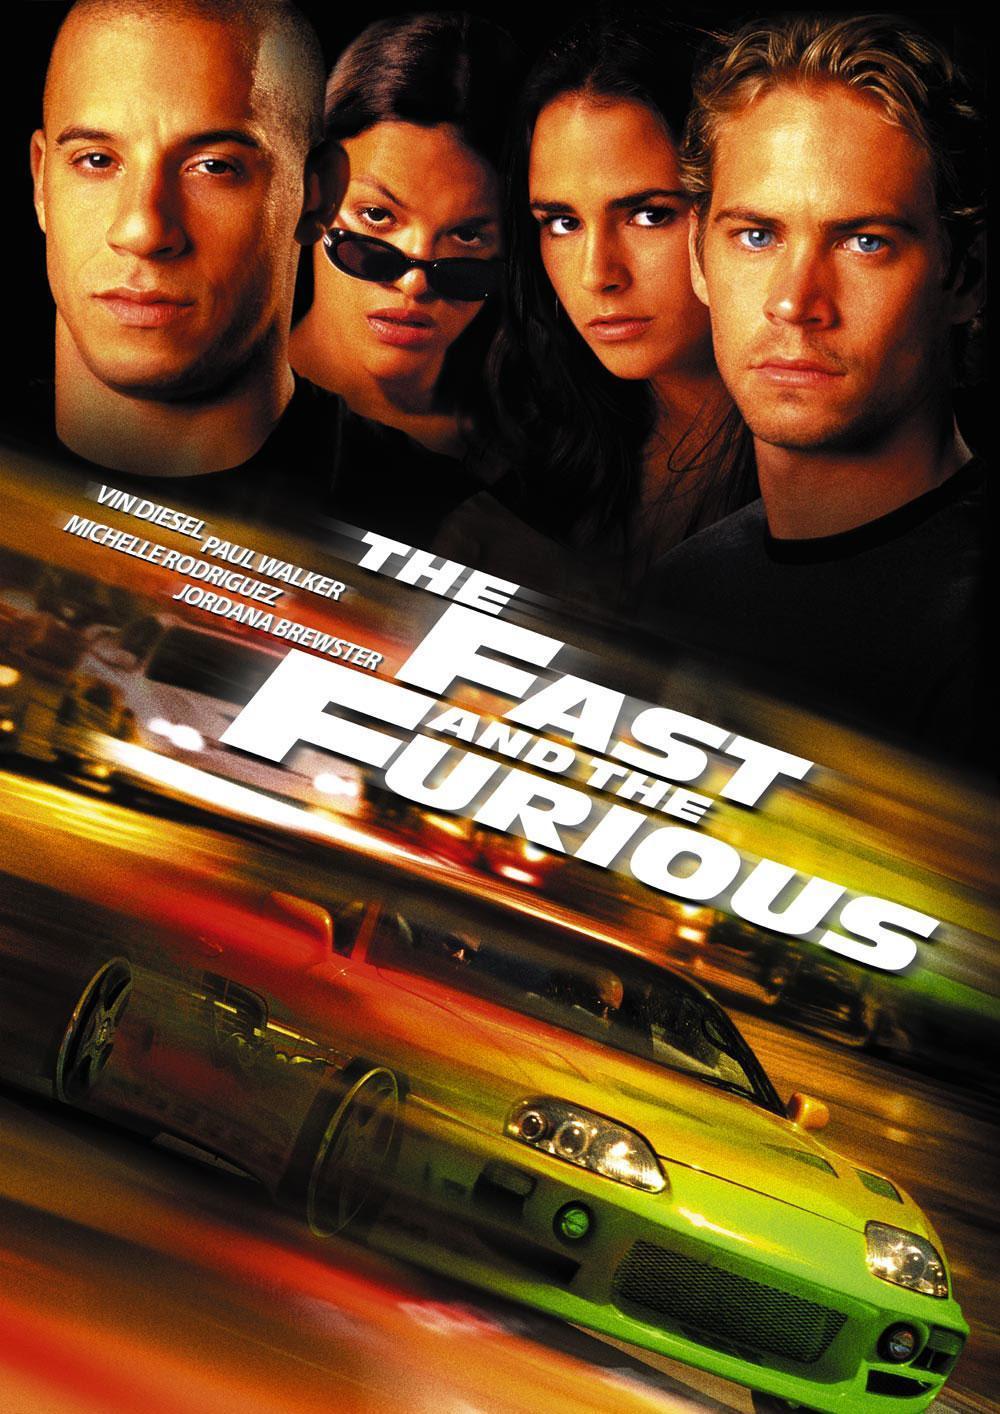 好看 电影/《速度与激情》是欧美的一部以赛车为主题的系列电影。